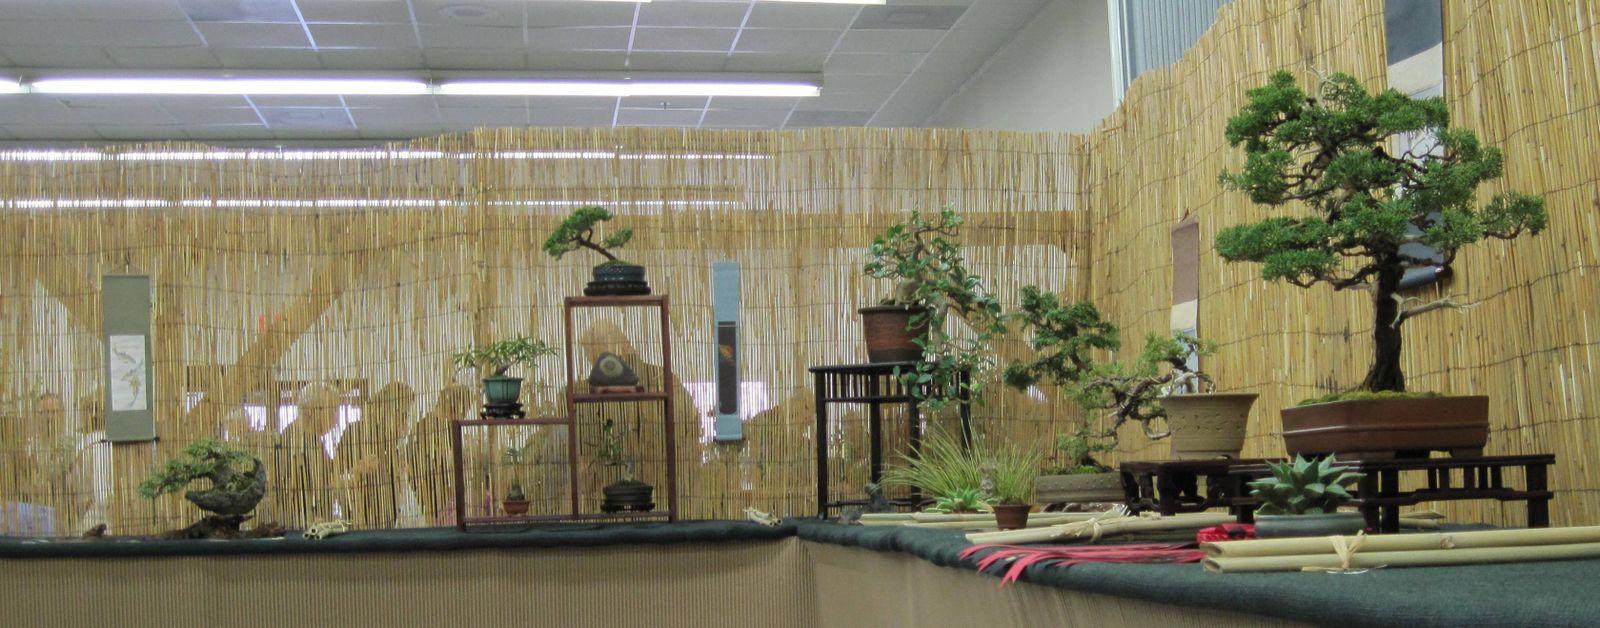 Bonsai Tree 17 Excellent Indoor Lighting Inspirations